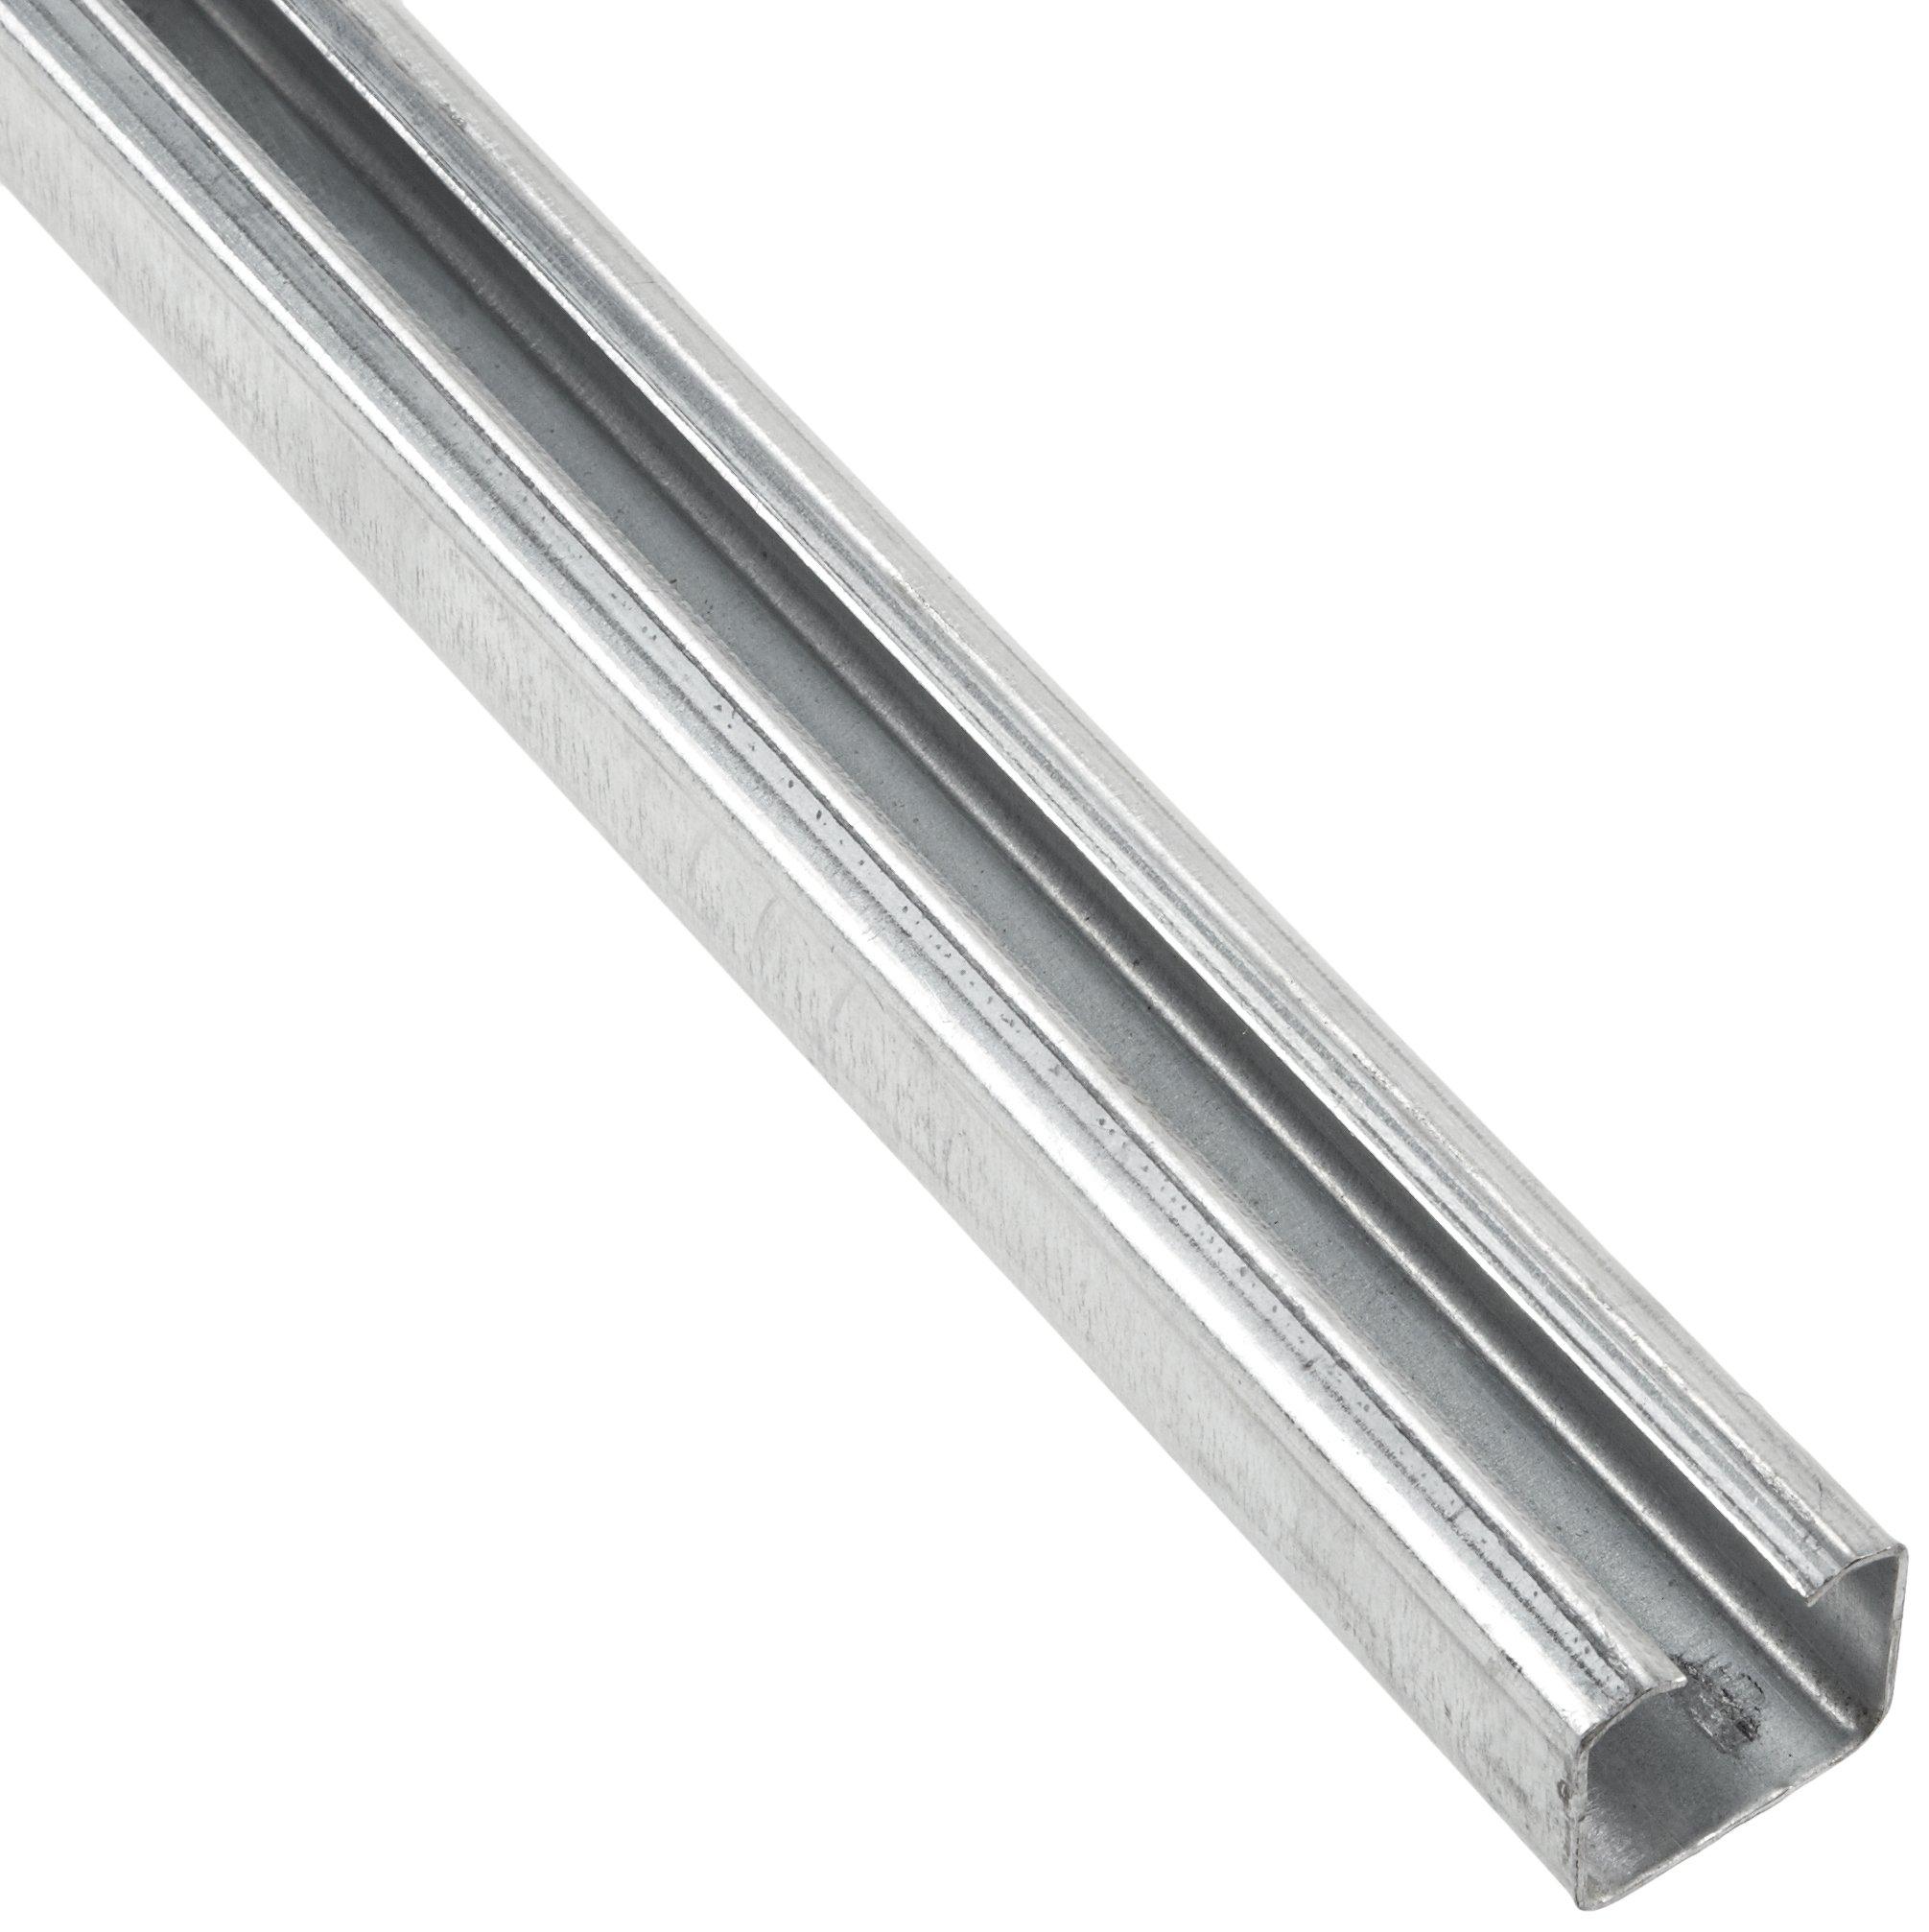 Pemko Folding 200 Series Steel Sliding and Folding Door Hardware, 96'' Track length, 48'' Door Width